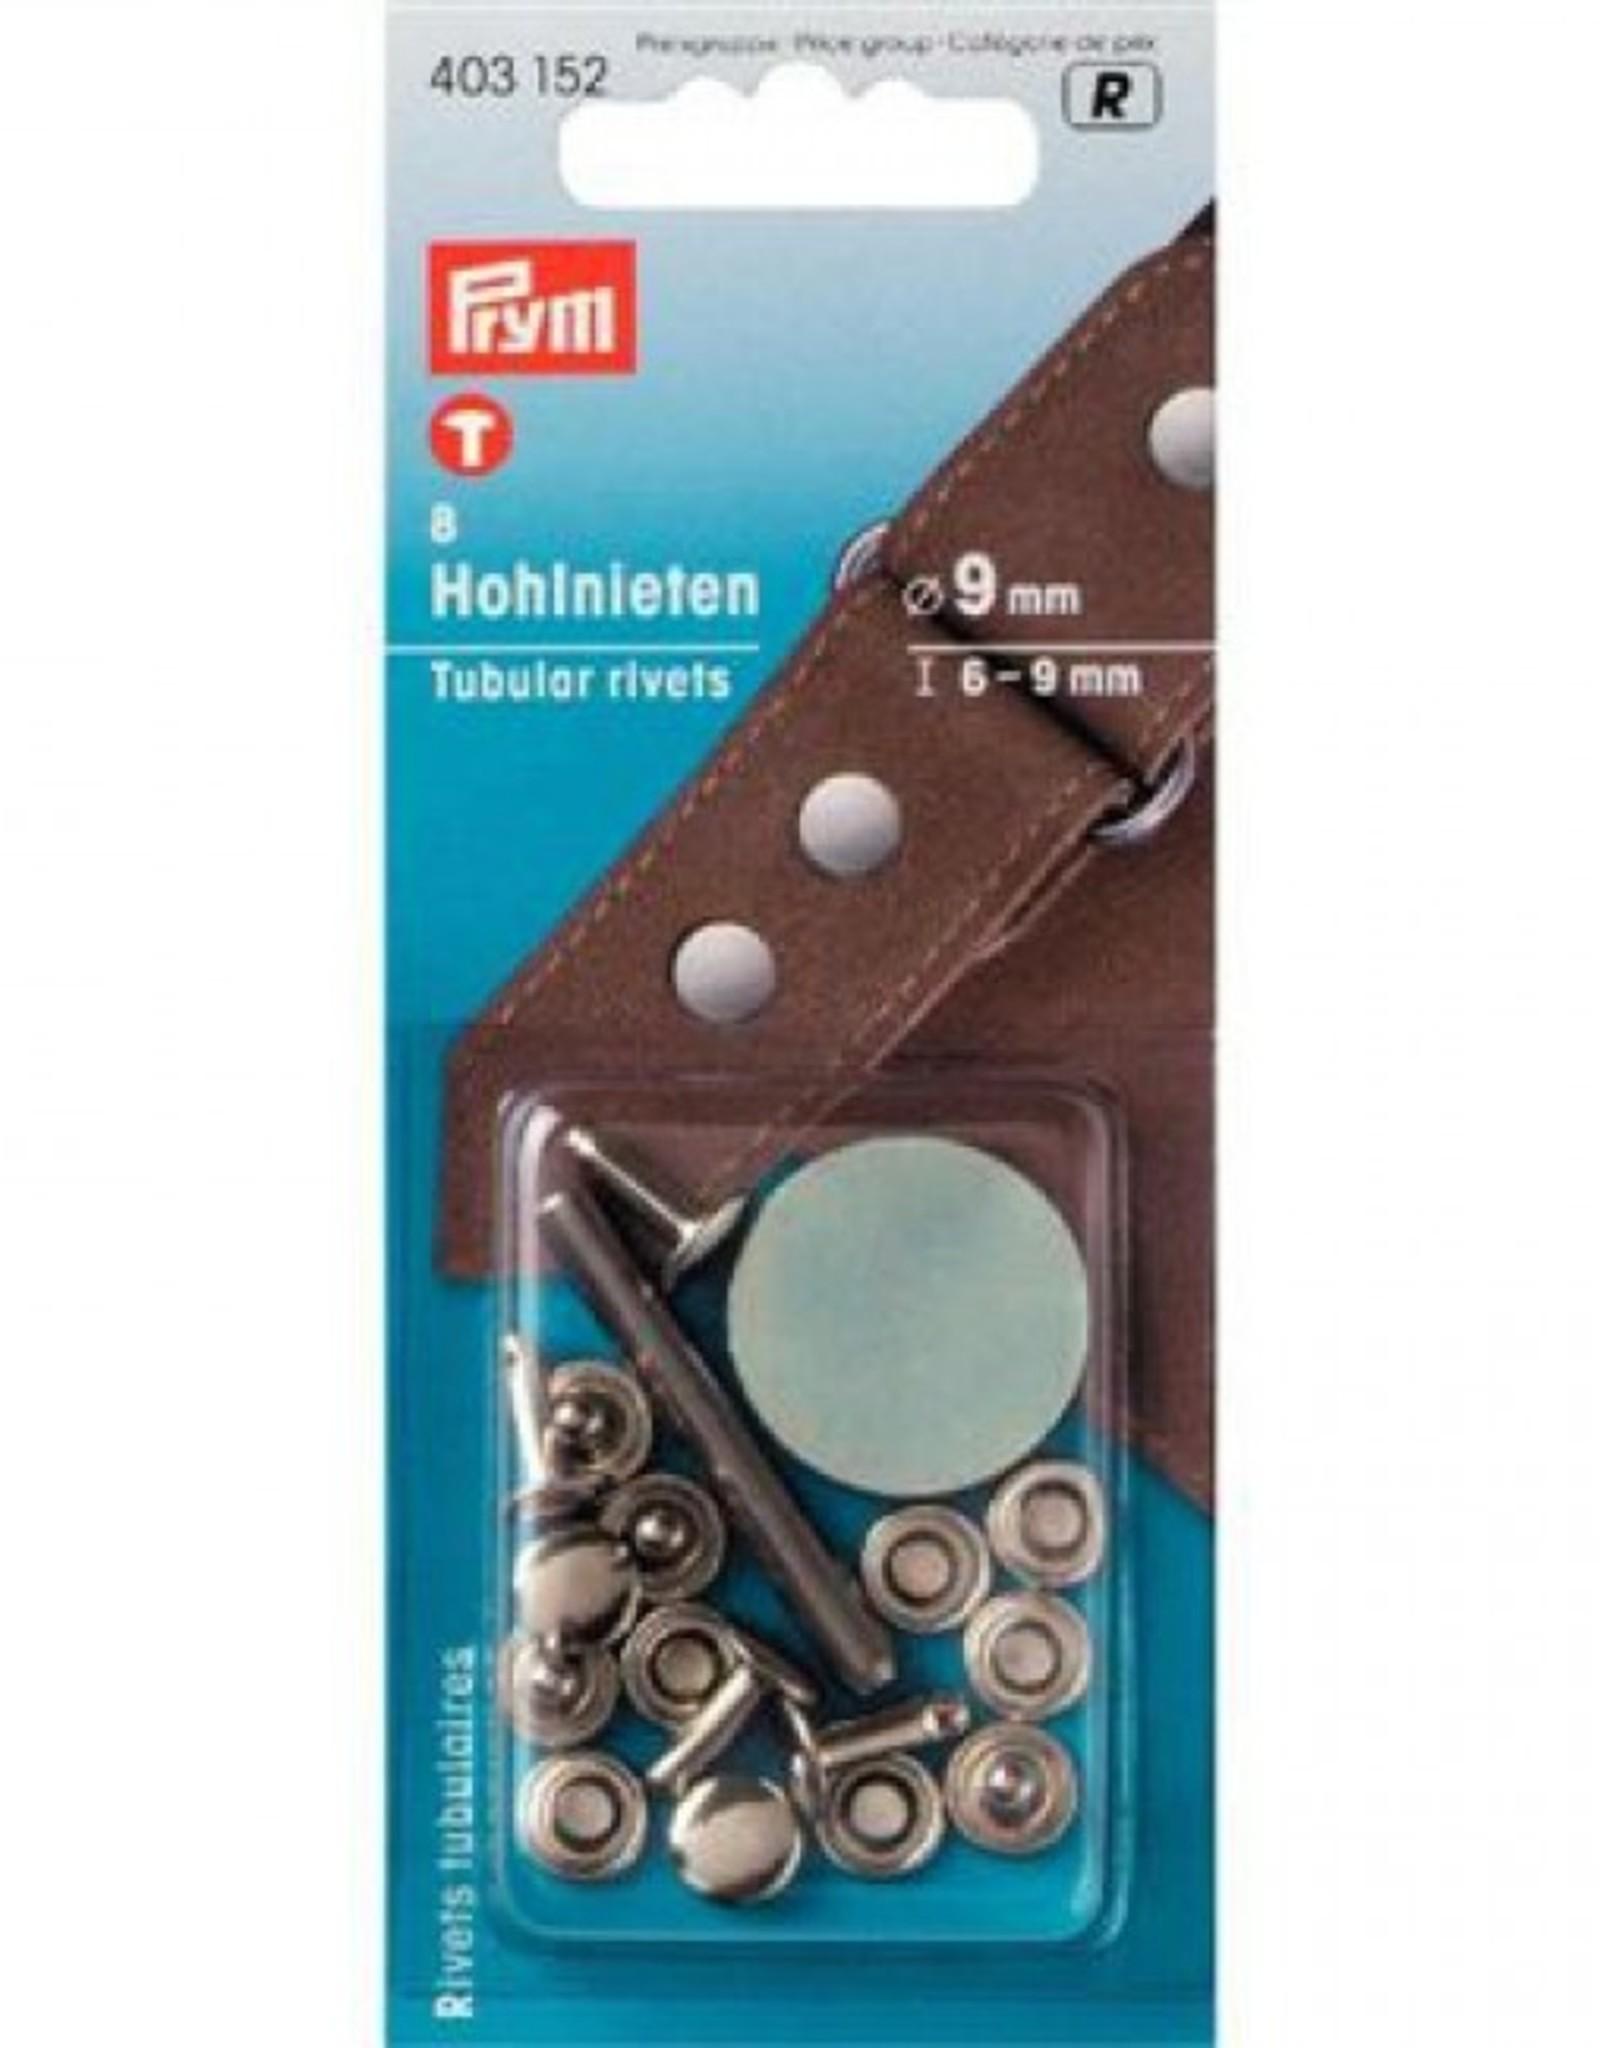 Prym Prym  - holnieten 9mm zilver - 403 152